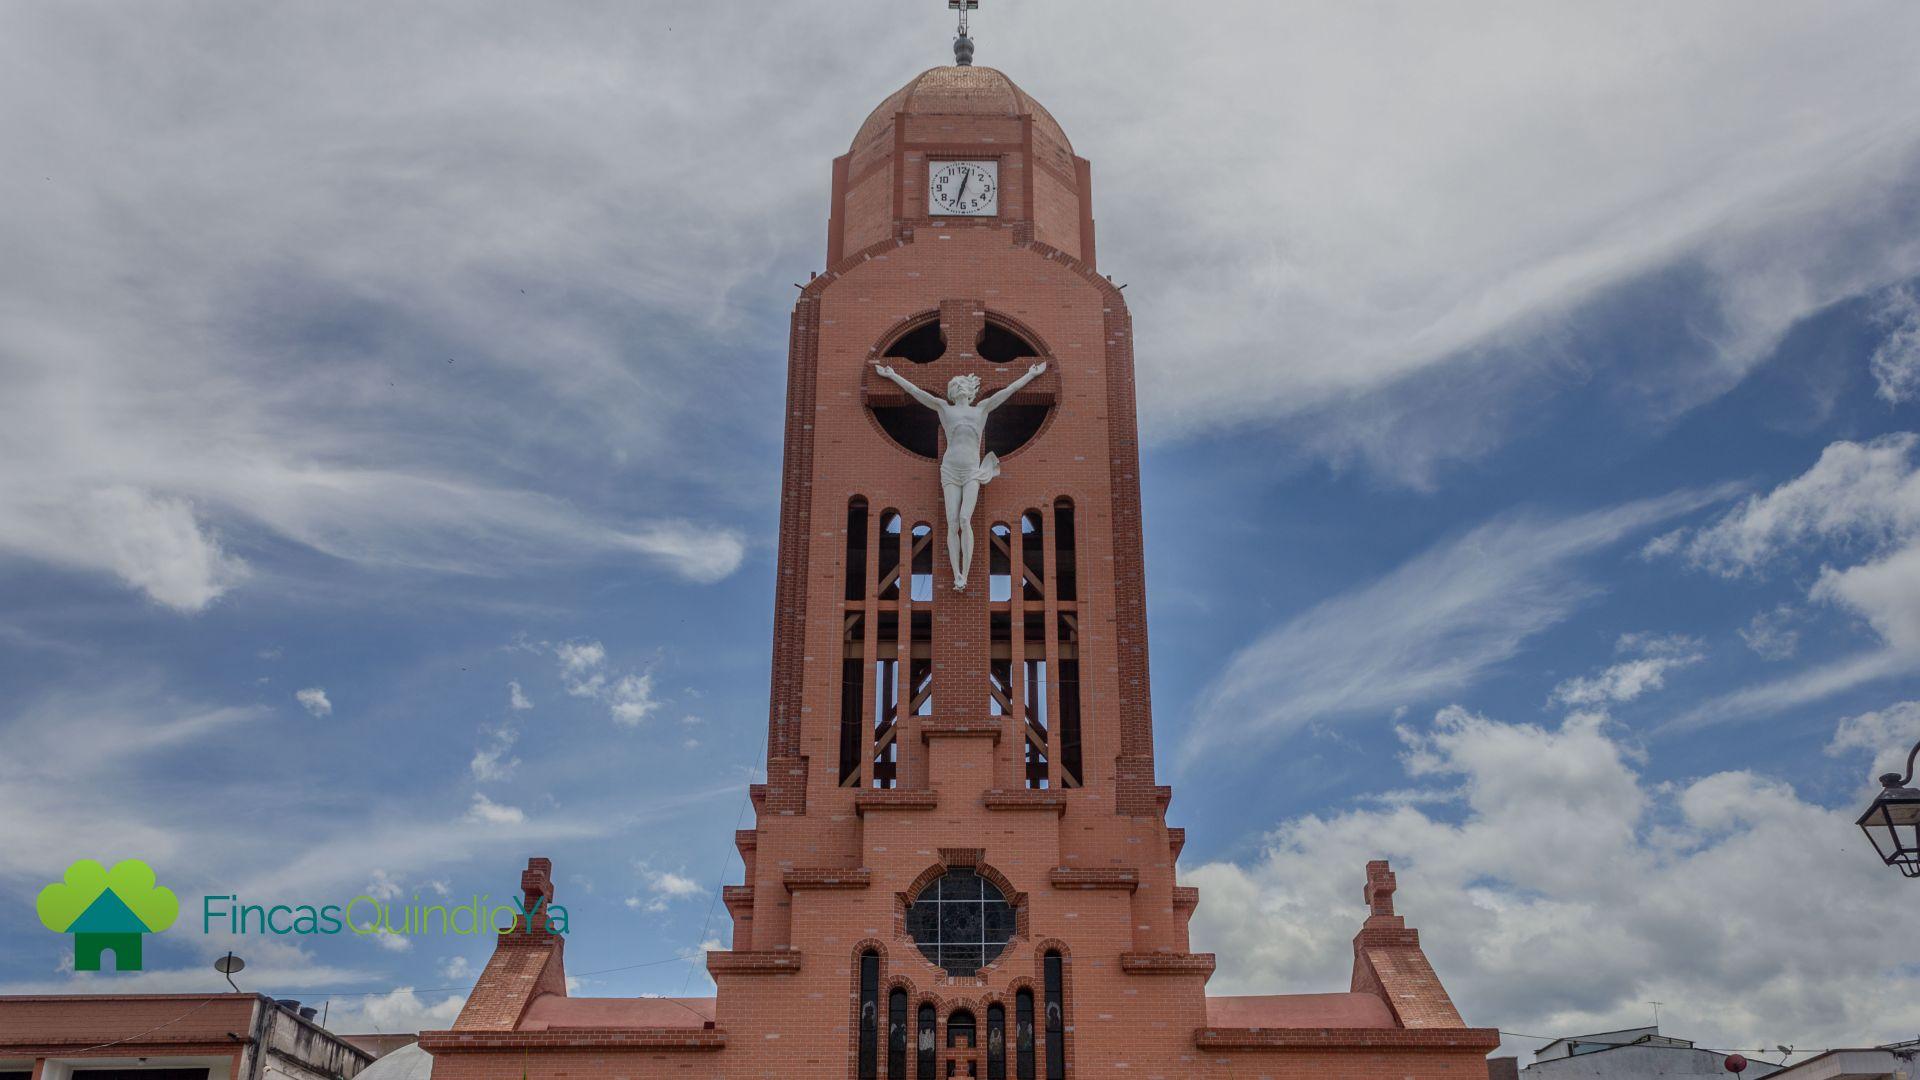 Foto a iglesia que tiene un jesus gigante en una cruz en su fachada